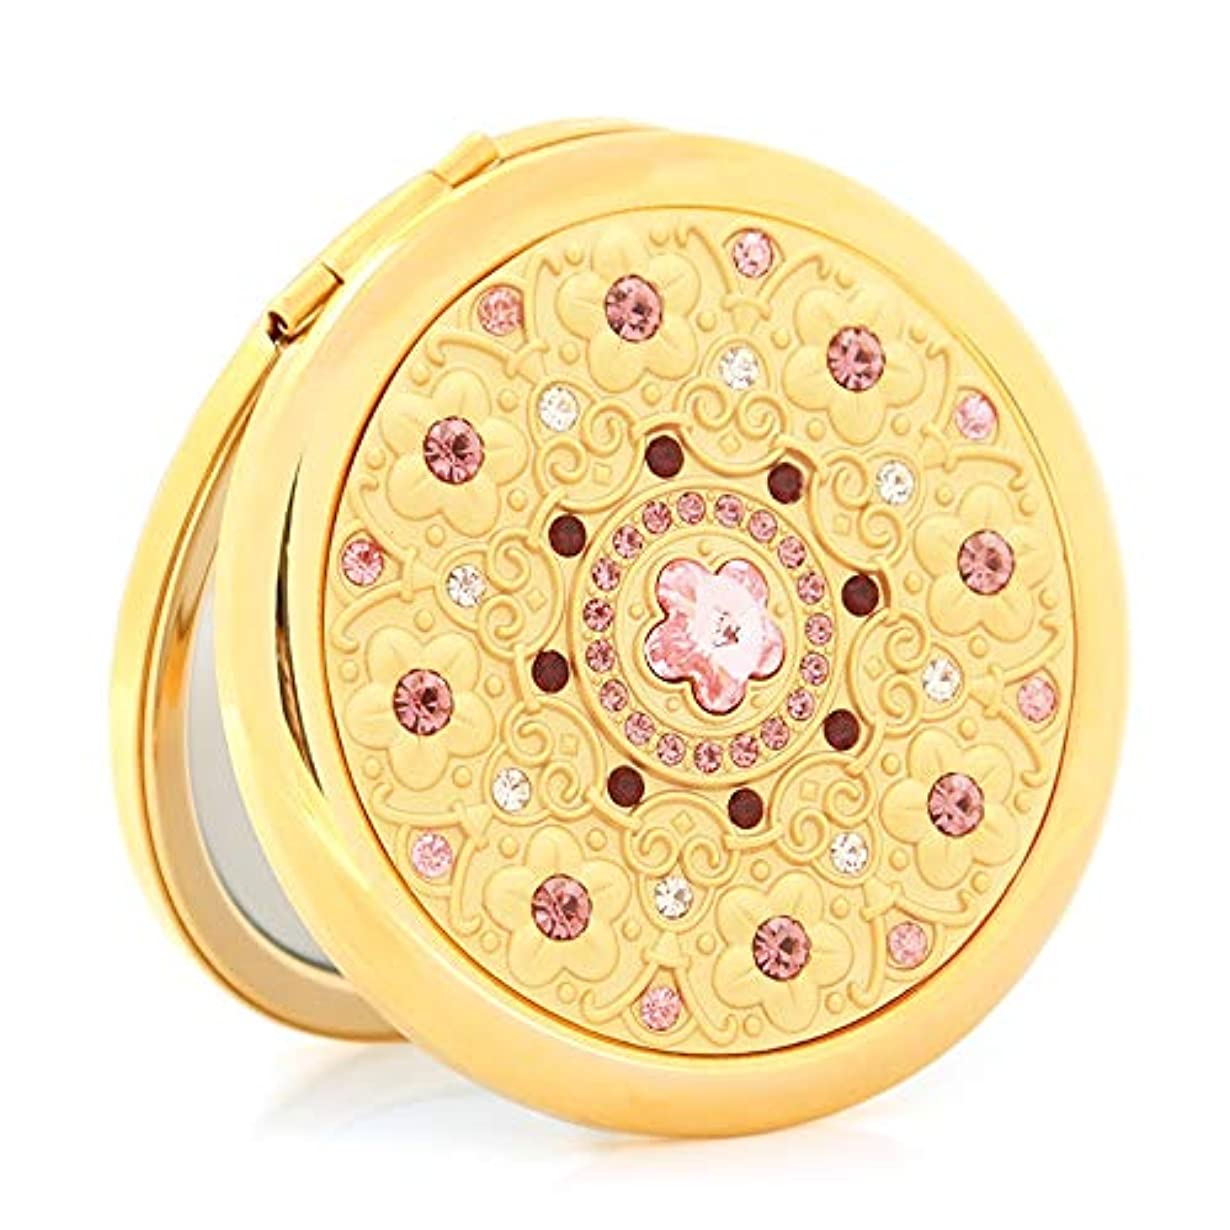 ホップ顎純粋に流行の ゴールドポータブルHD化粧鏡ポータブル折りたたみ両面小さなミラーのガールフレンドバレンタインデーの贈り物